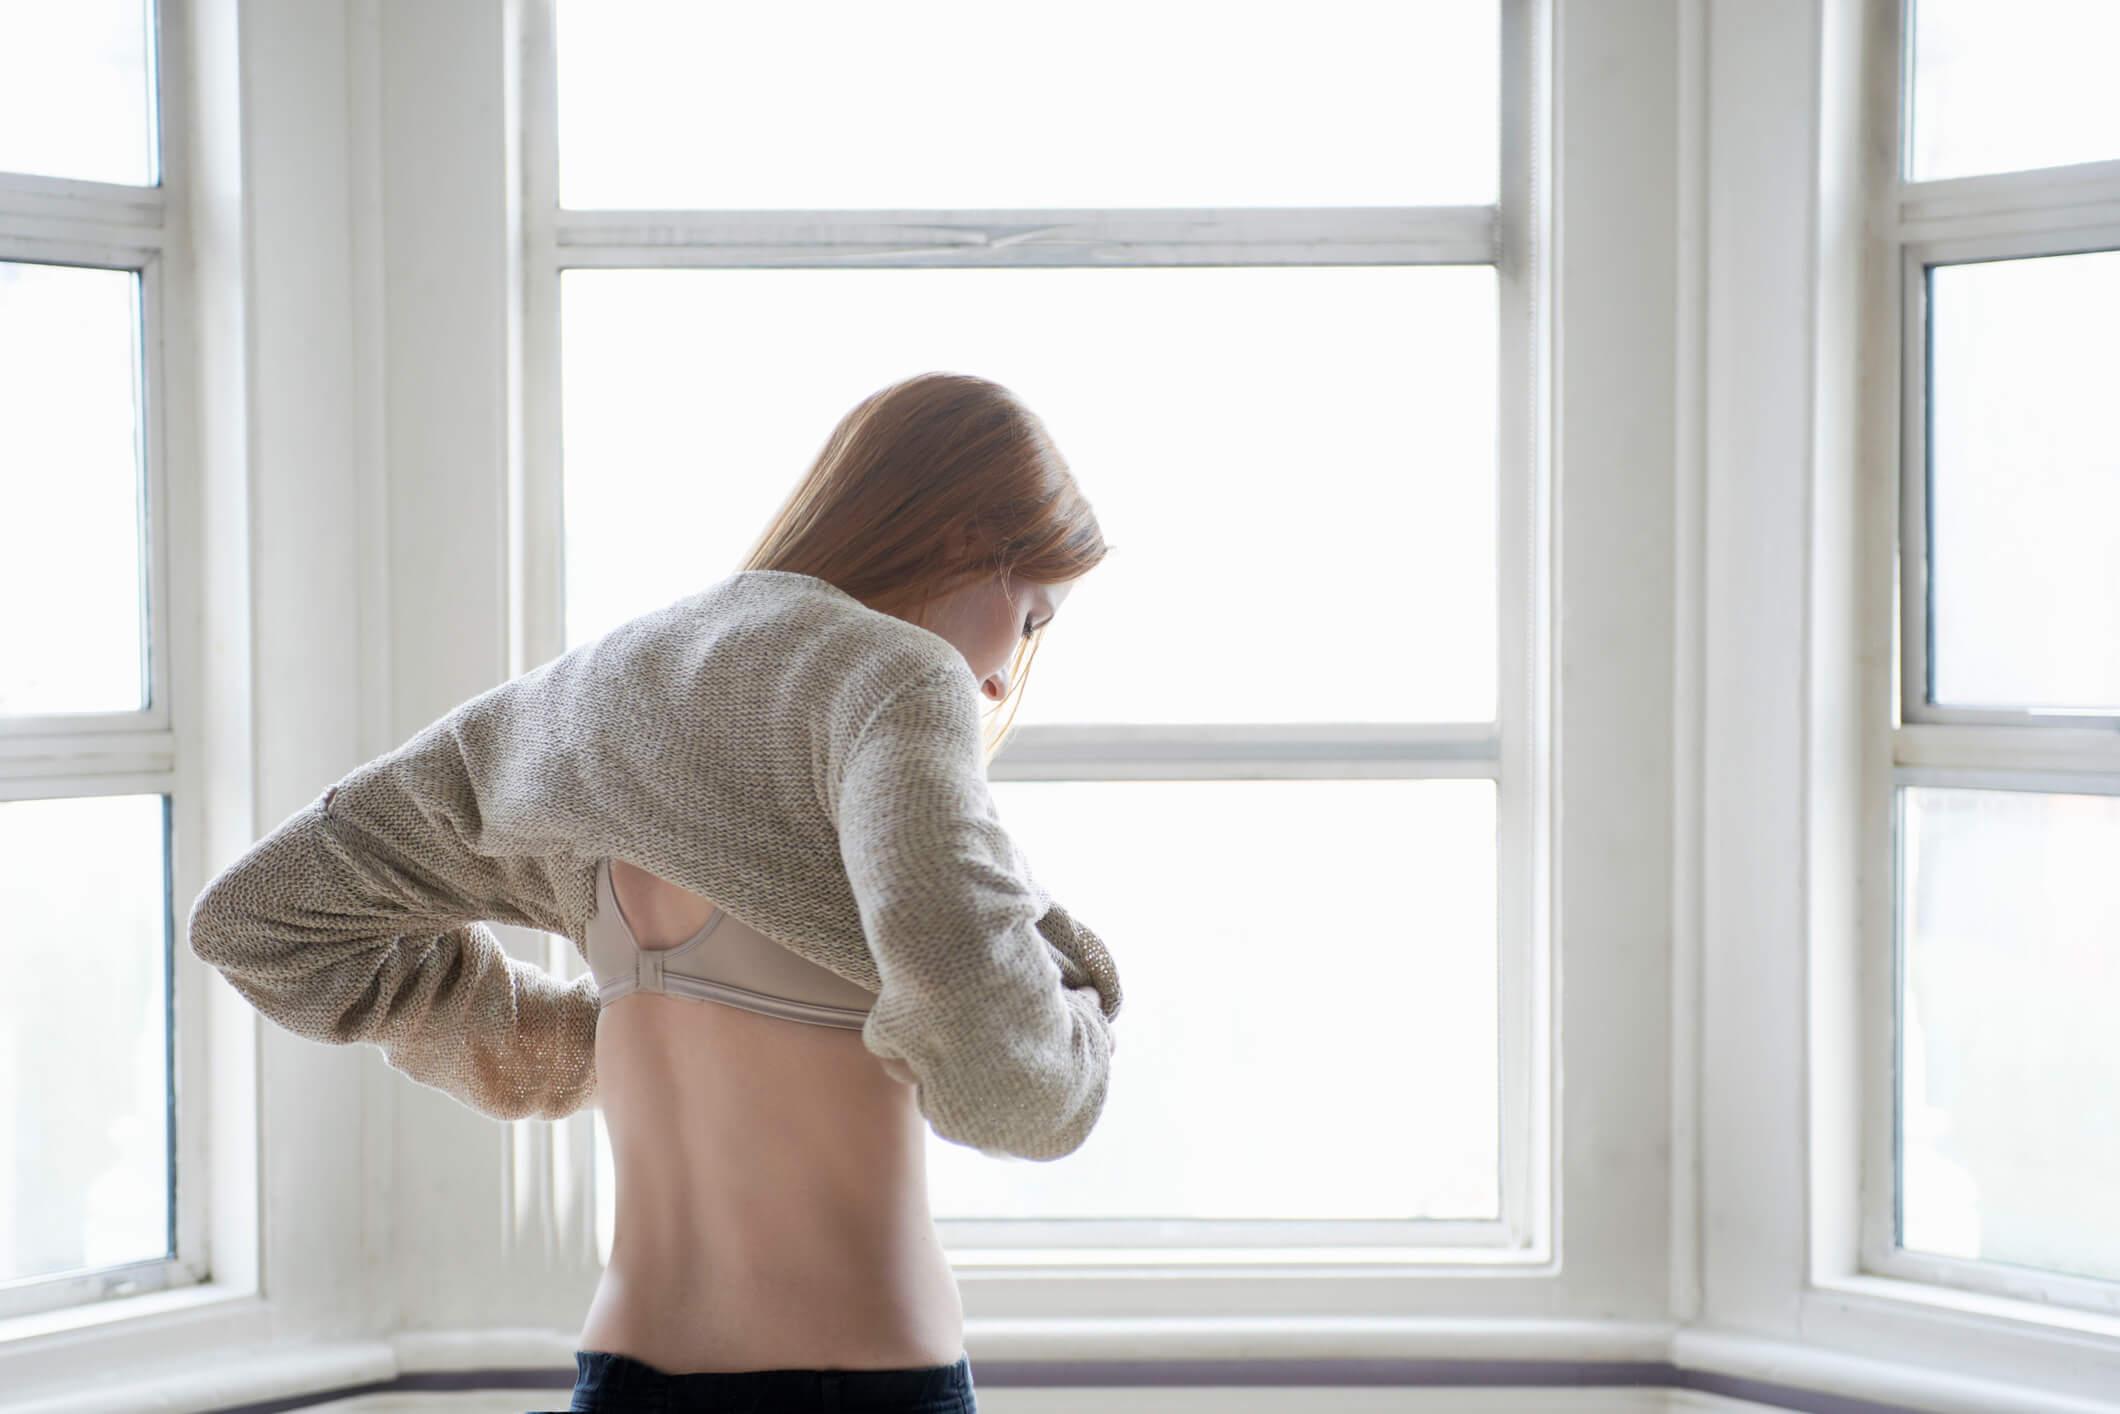 Рак груди: что нужно знать, чтобы сохранить свое здоровье-320x180